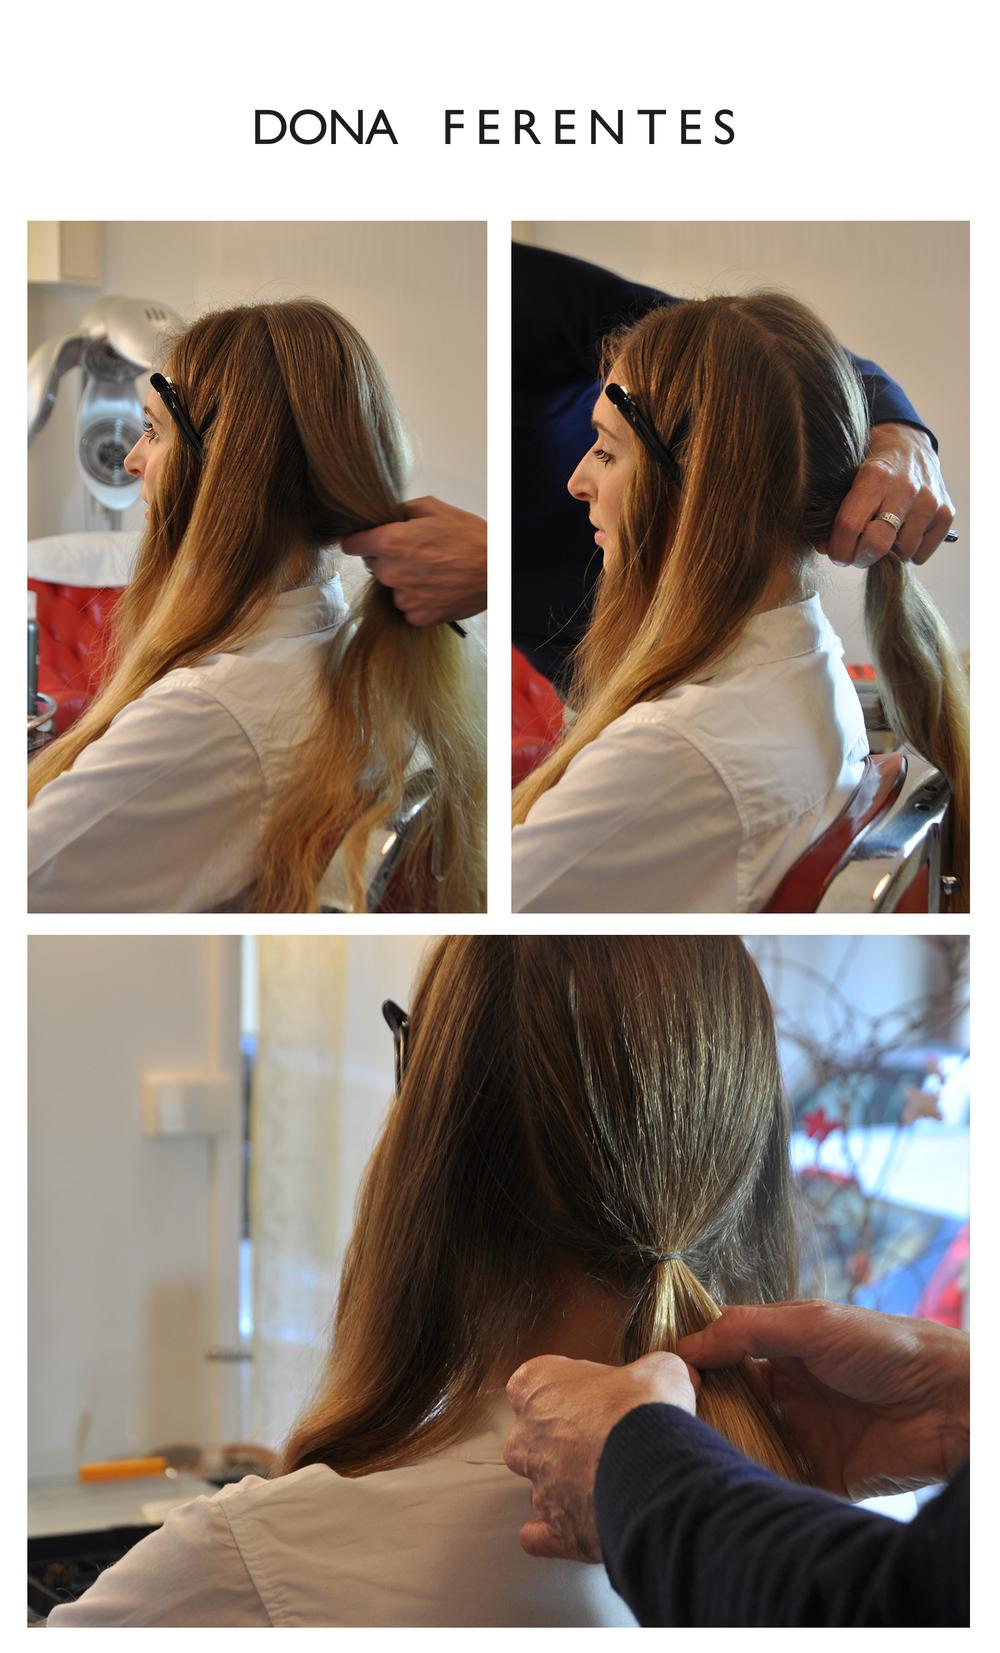 Séparer les cheveux de la tête en 2  Afin de garder que les longueurs de l'arrière du crâne  Placer deux pinces pour pas que les cheveux devant ne vous embrouille Puis séparer encore deux mèches aux extrémités  Garder qu'une grande mèche a l'arrière et faites une queue de cheval à nouer avec un élastique fin